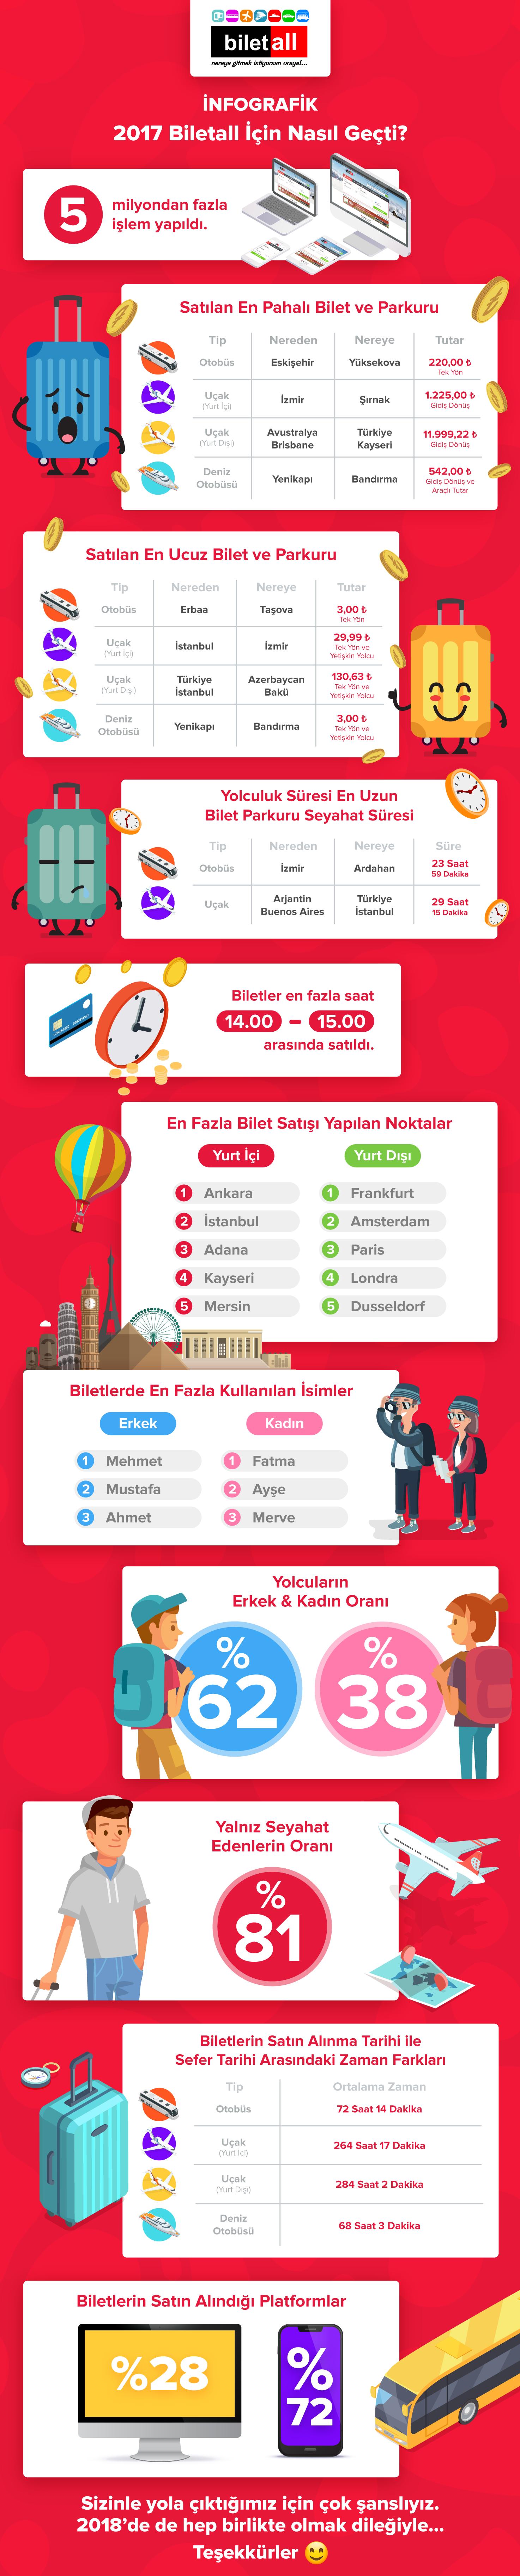 Biletall 2017 Infografik